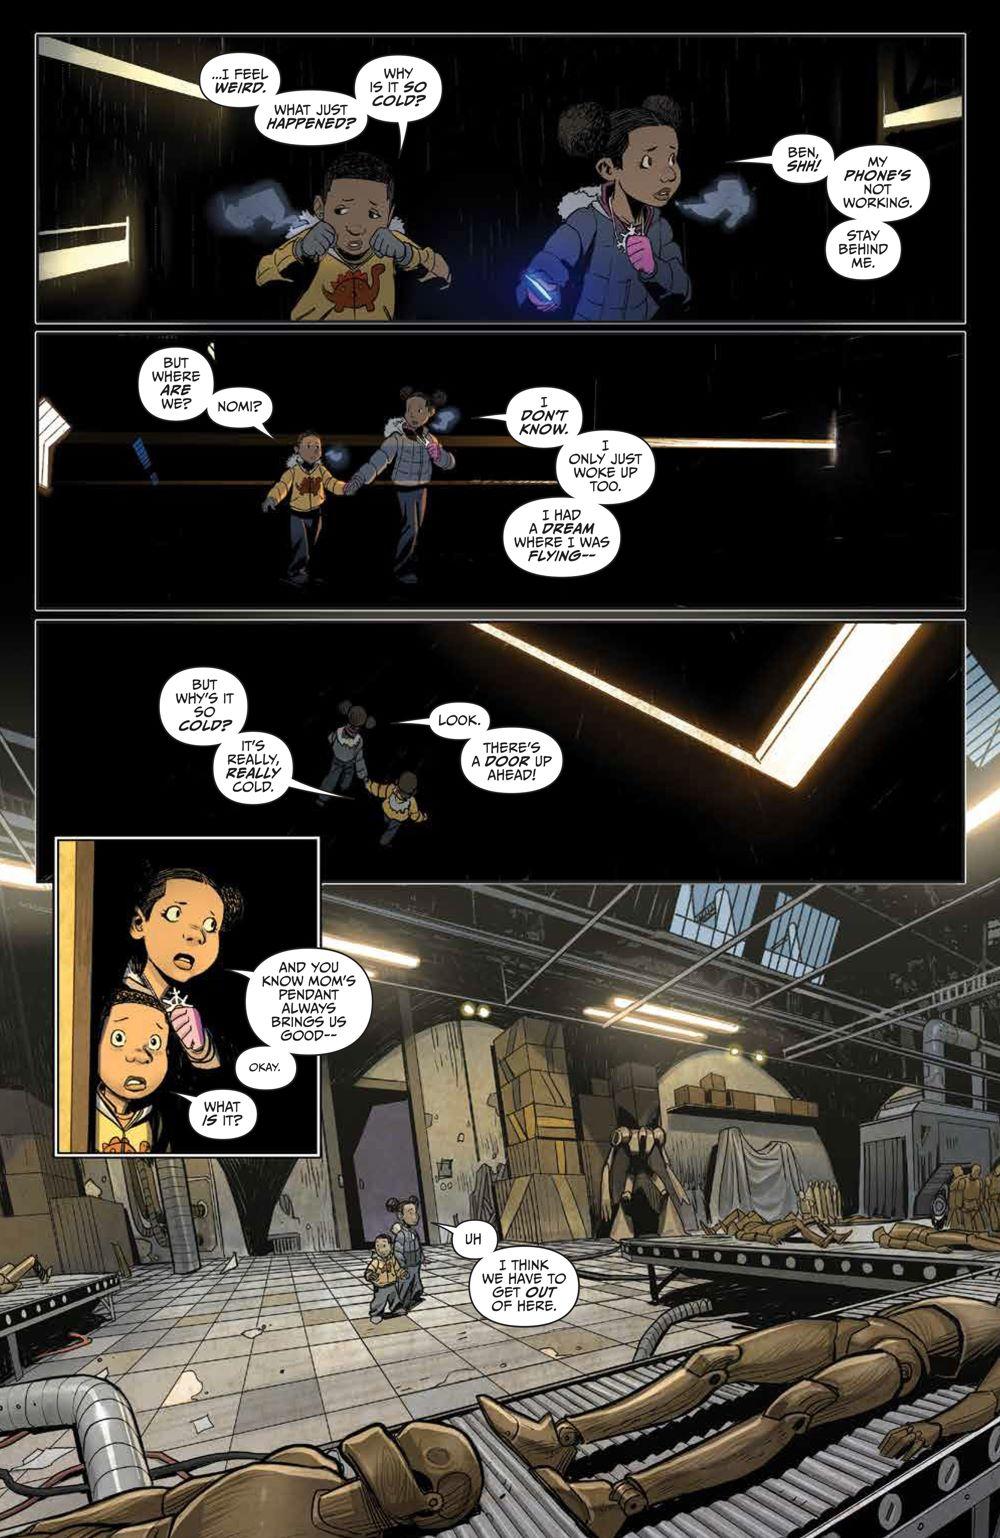 Klaus_NewAdventures_SC_PRESS_16 ComicList Previews: KLAUS THE NEW ADVENTURES OF SANTA CLAUS GN